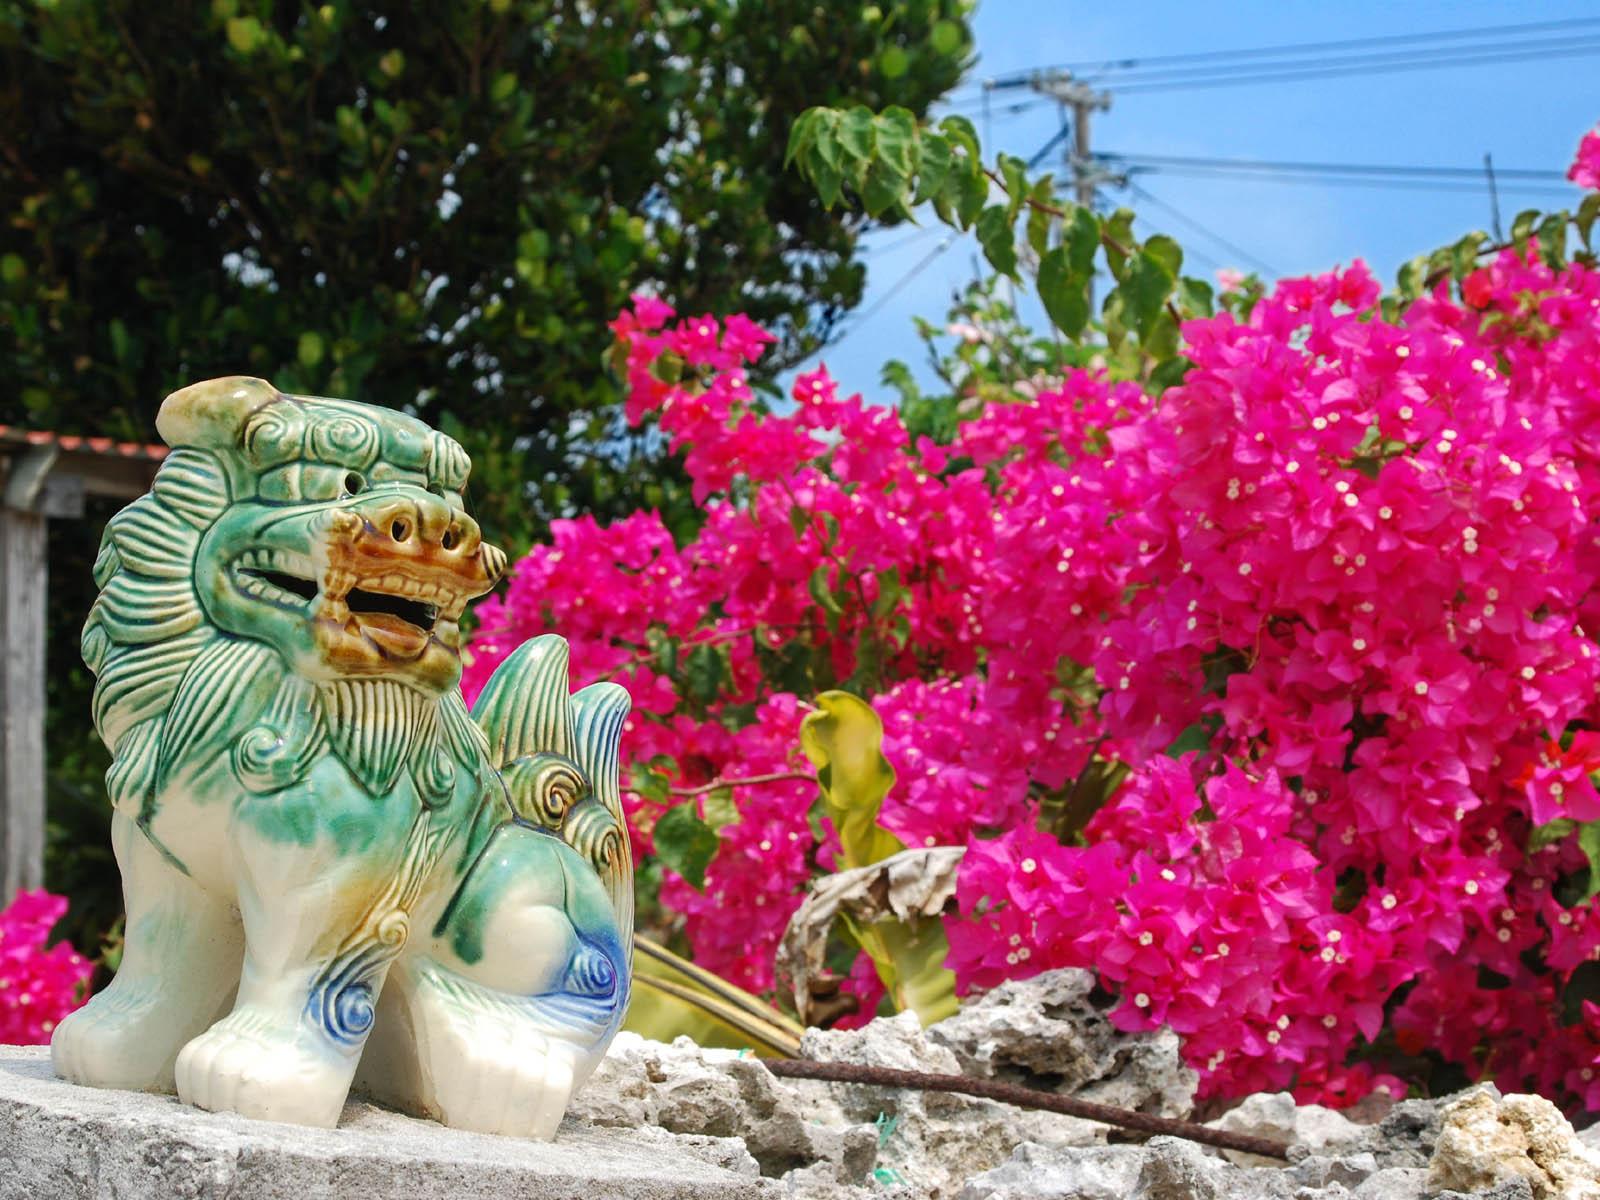 シーサーと花の沖縄の壁紙